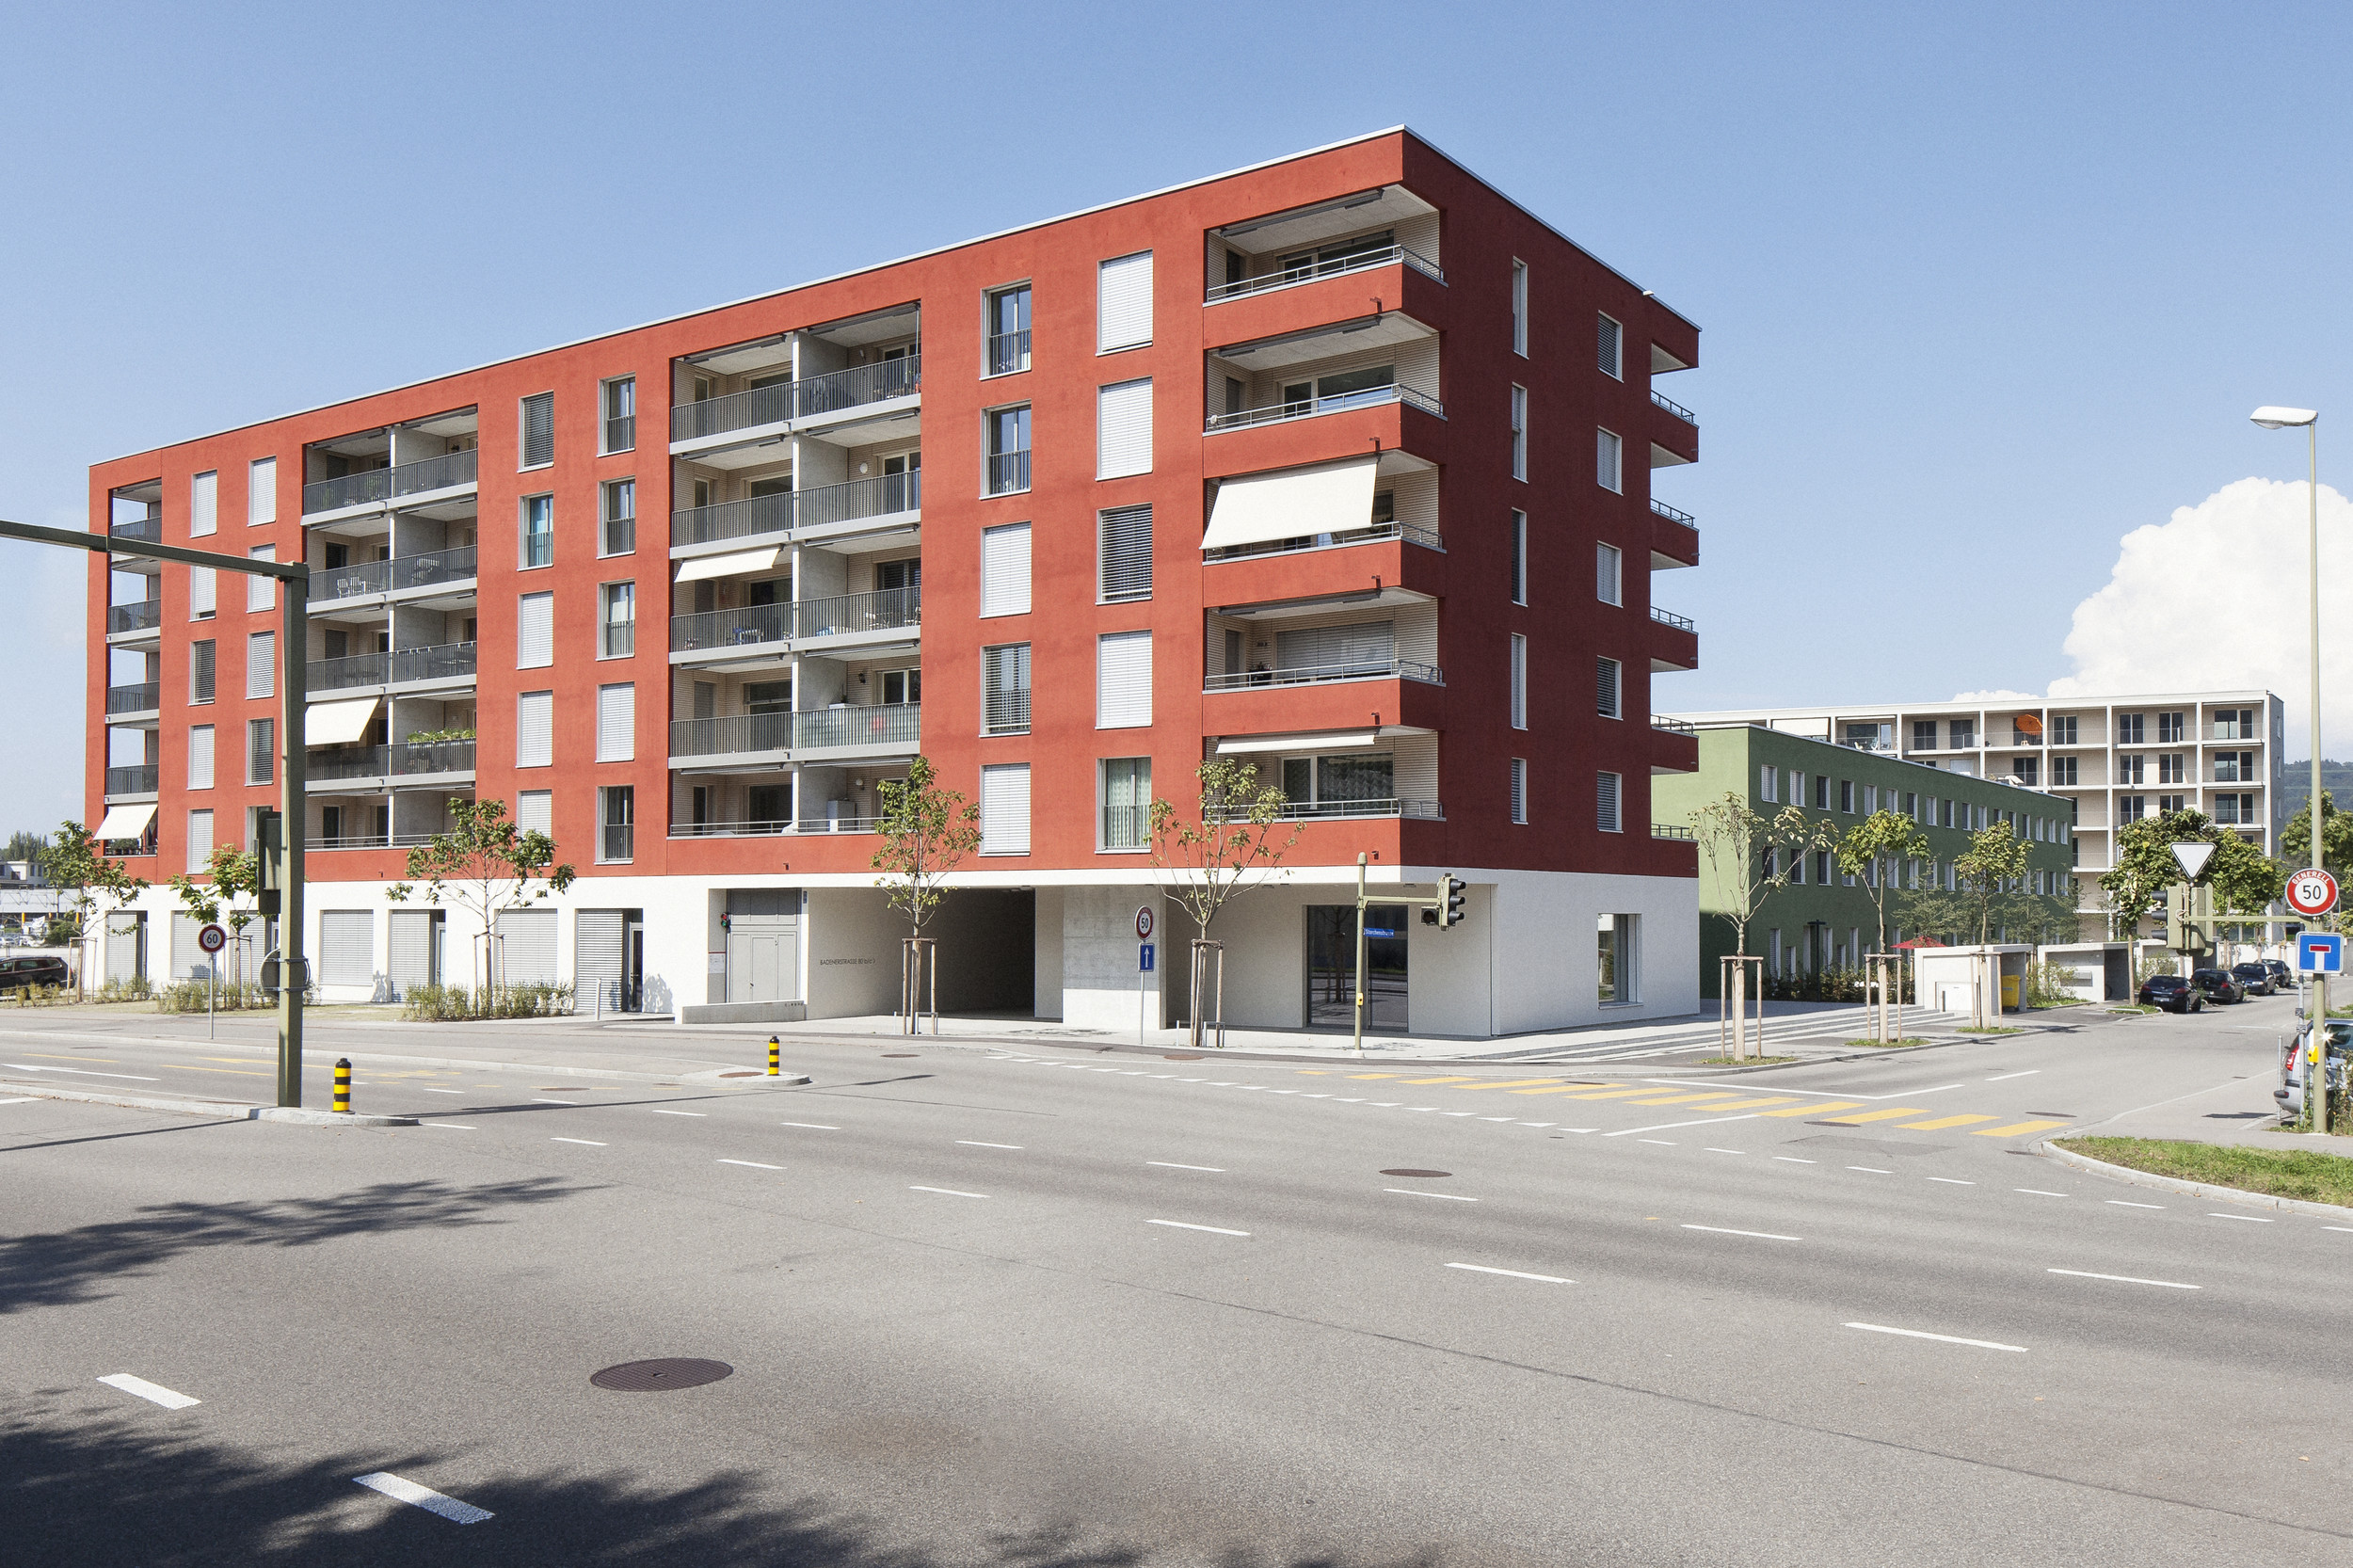 5-stöckiges Mehrfamilienhaus in Hybridbauweise